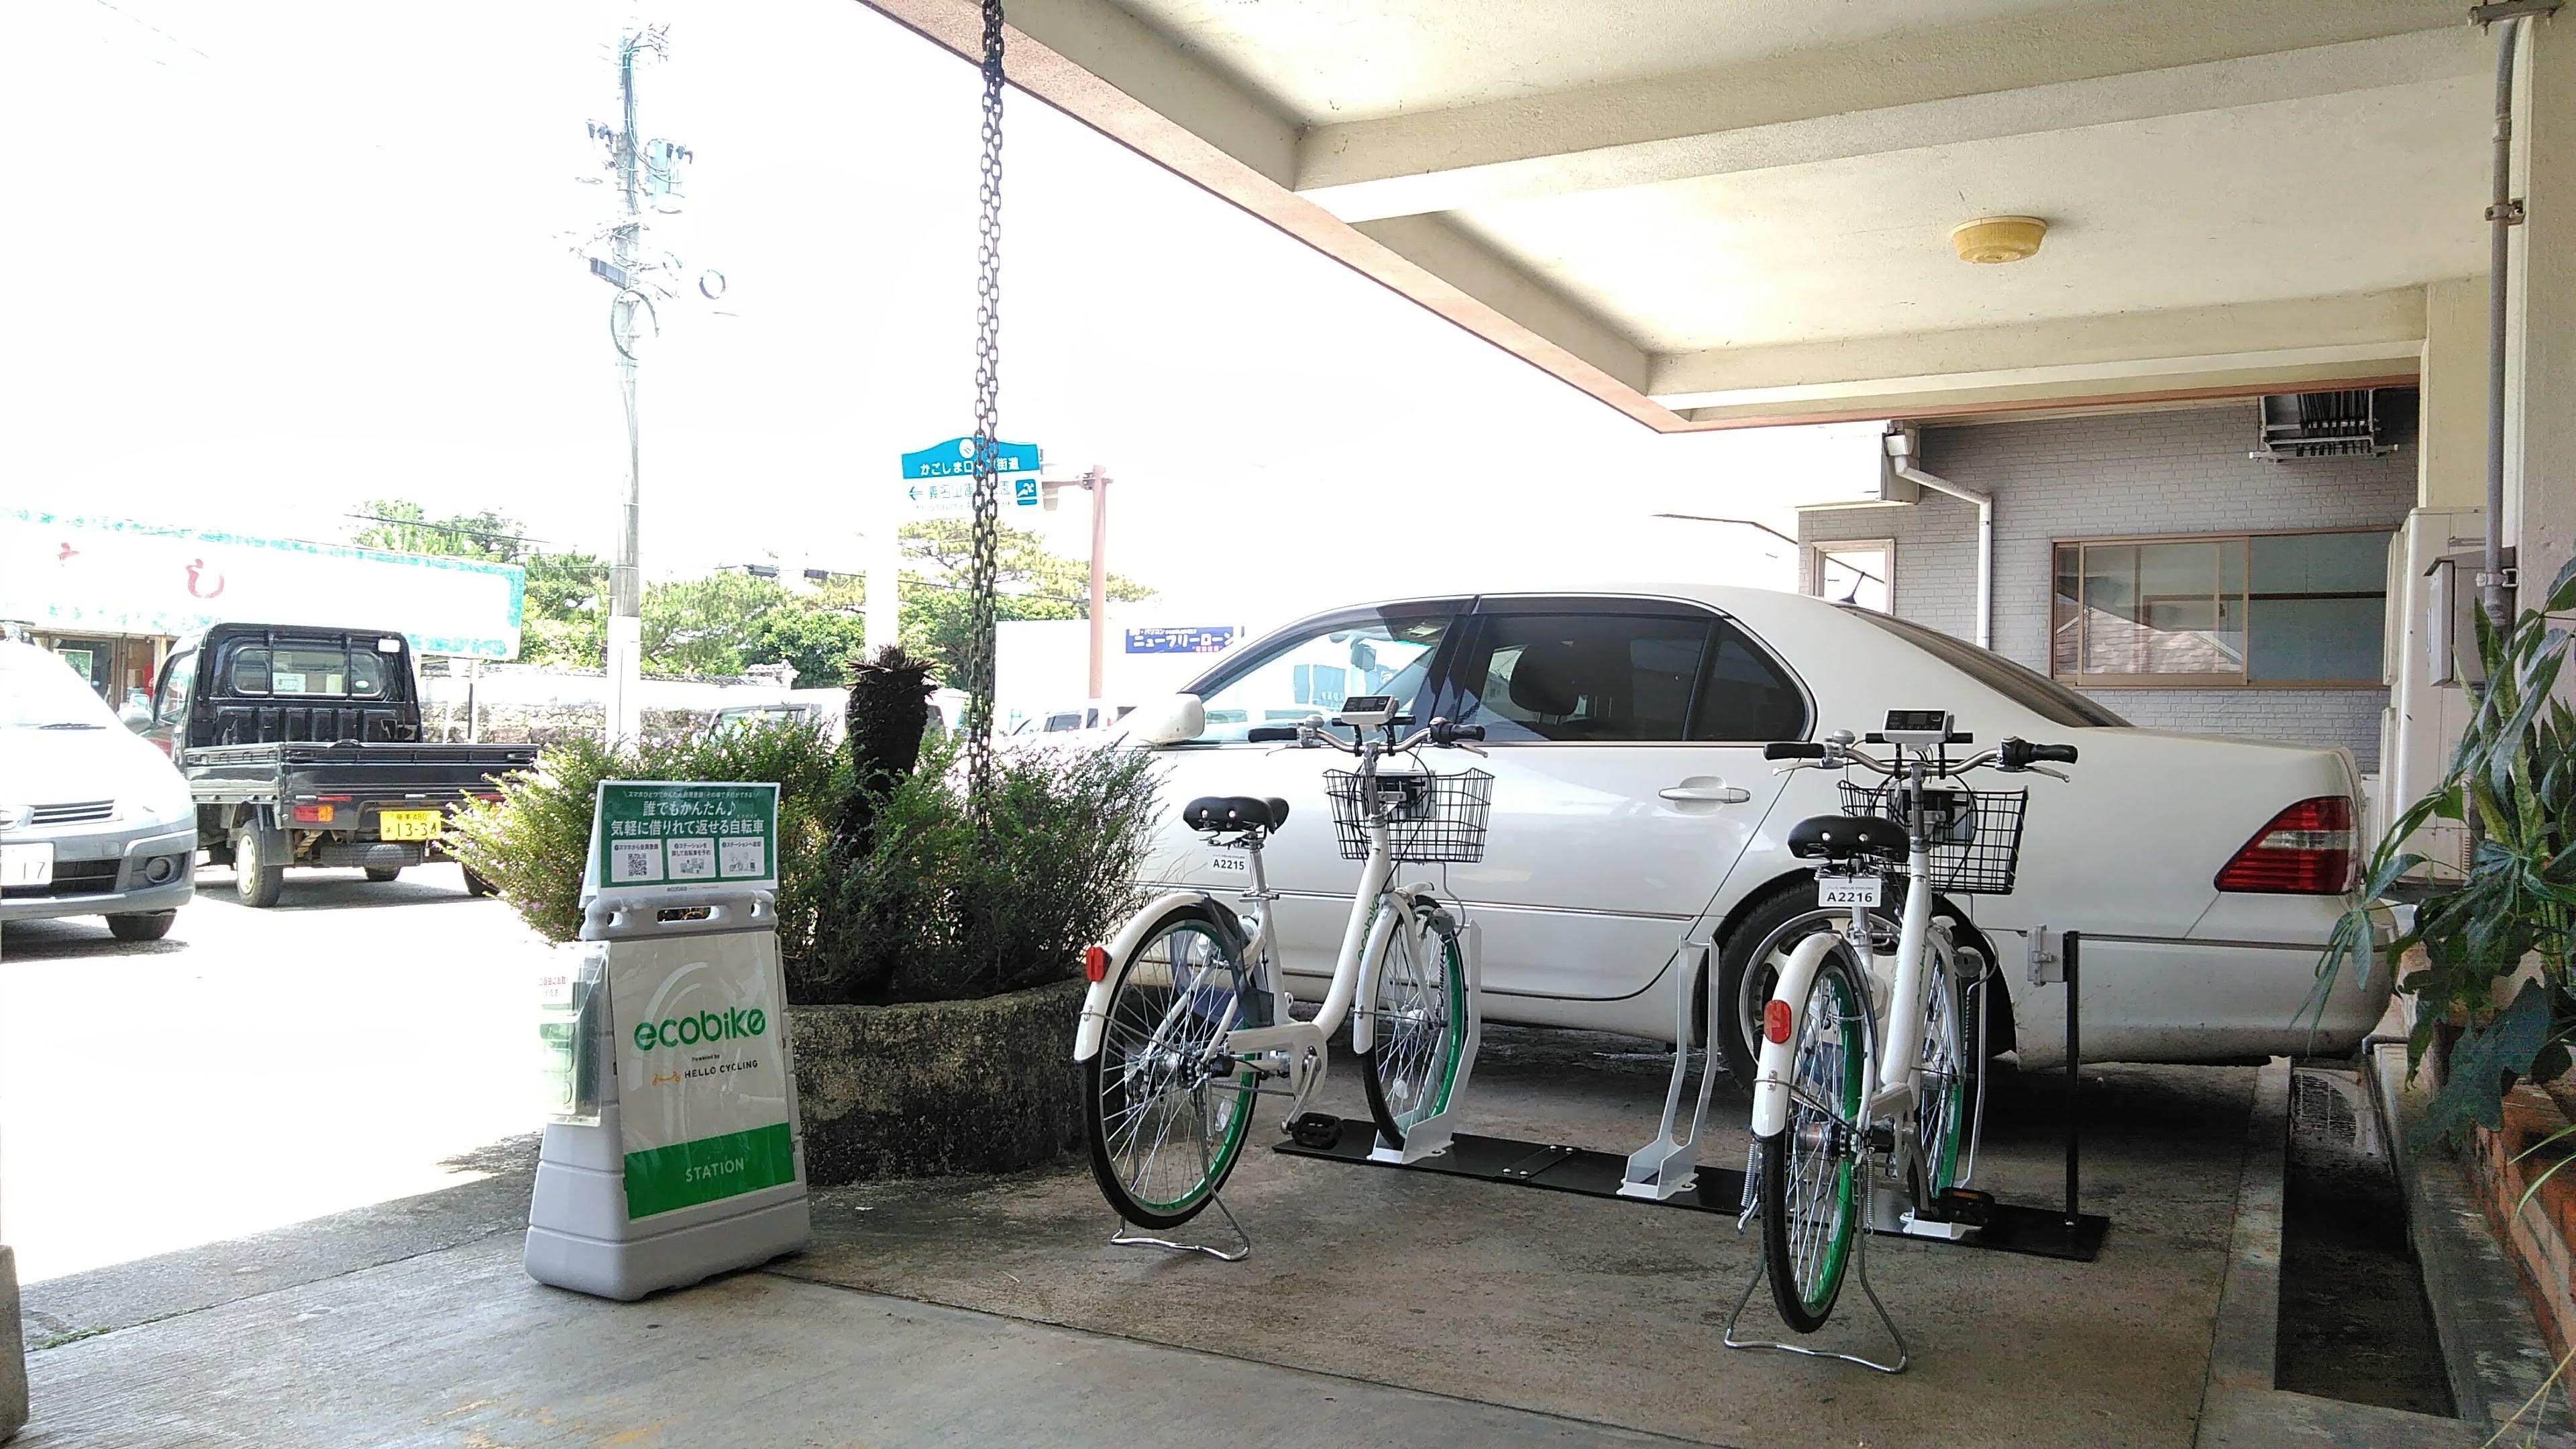 伊仙町役場 (HELLO CYCLING ポート) image